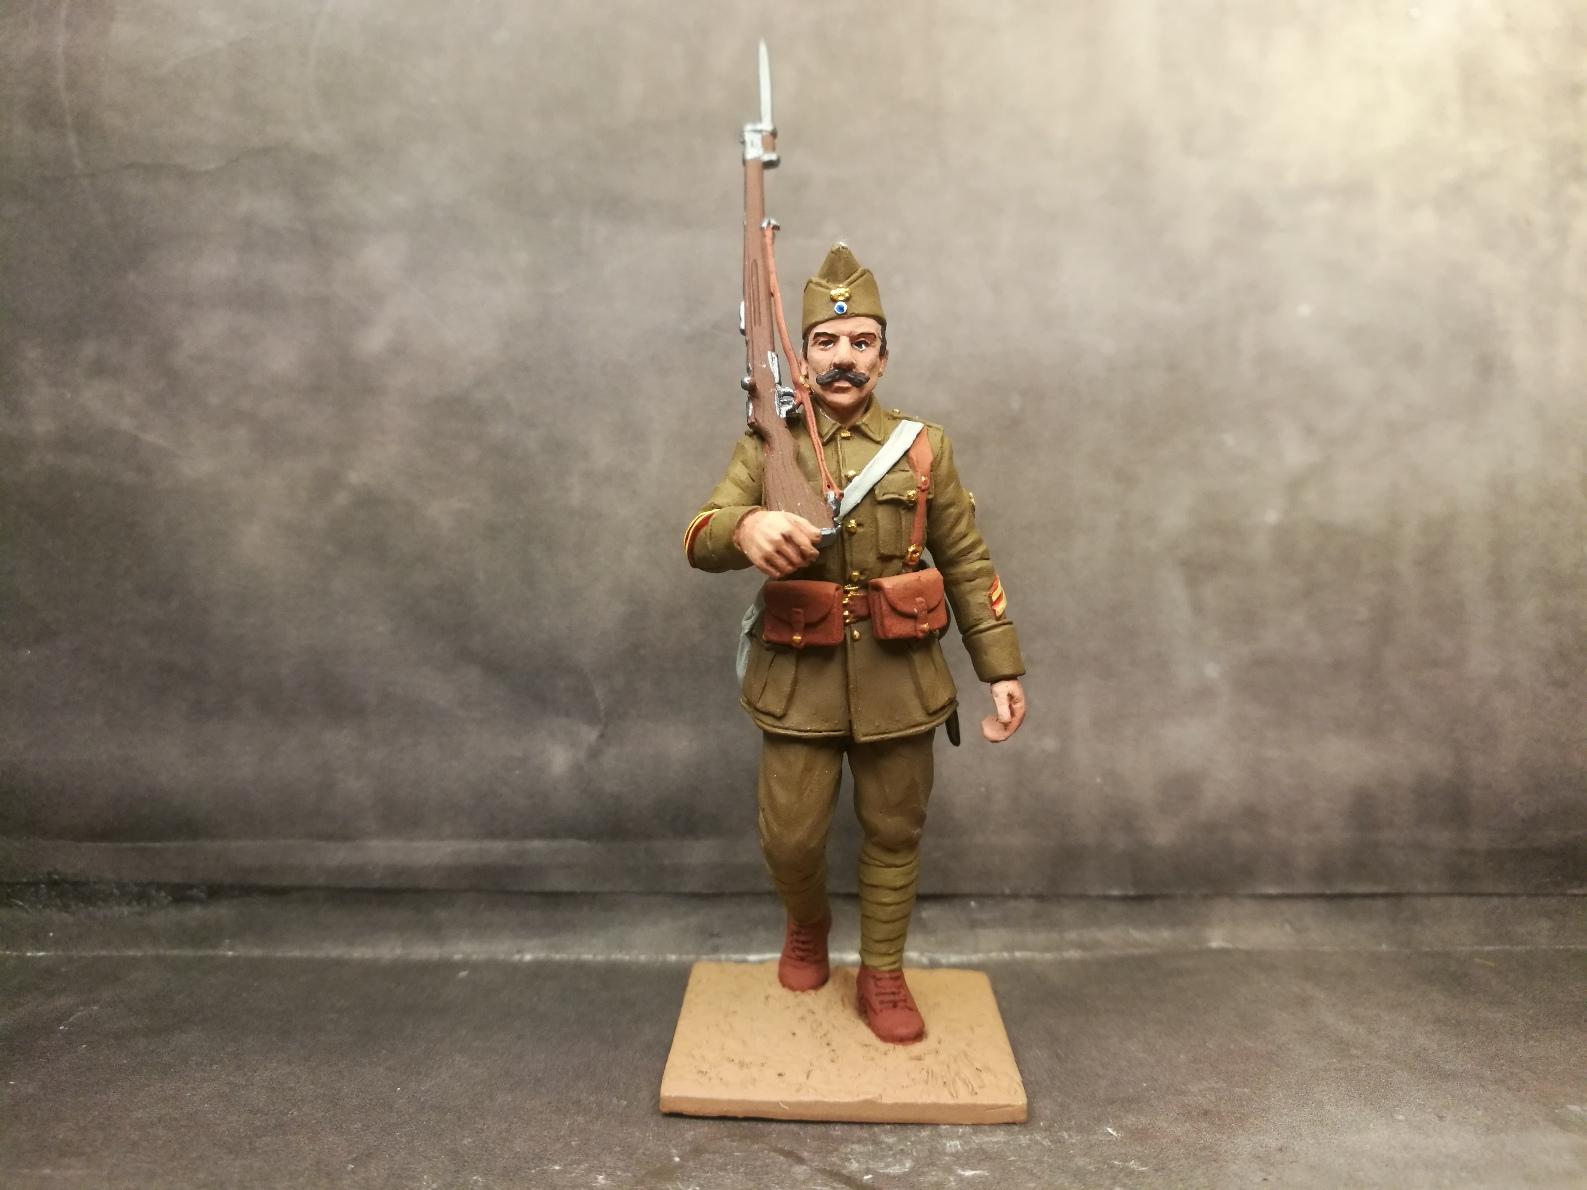 Βασίλειος Χλωρος  Ανδρομάχης 2 Παλαιό Φαληρο ΤΚ: 17564I